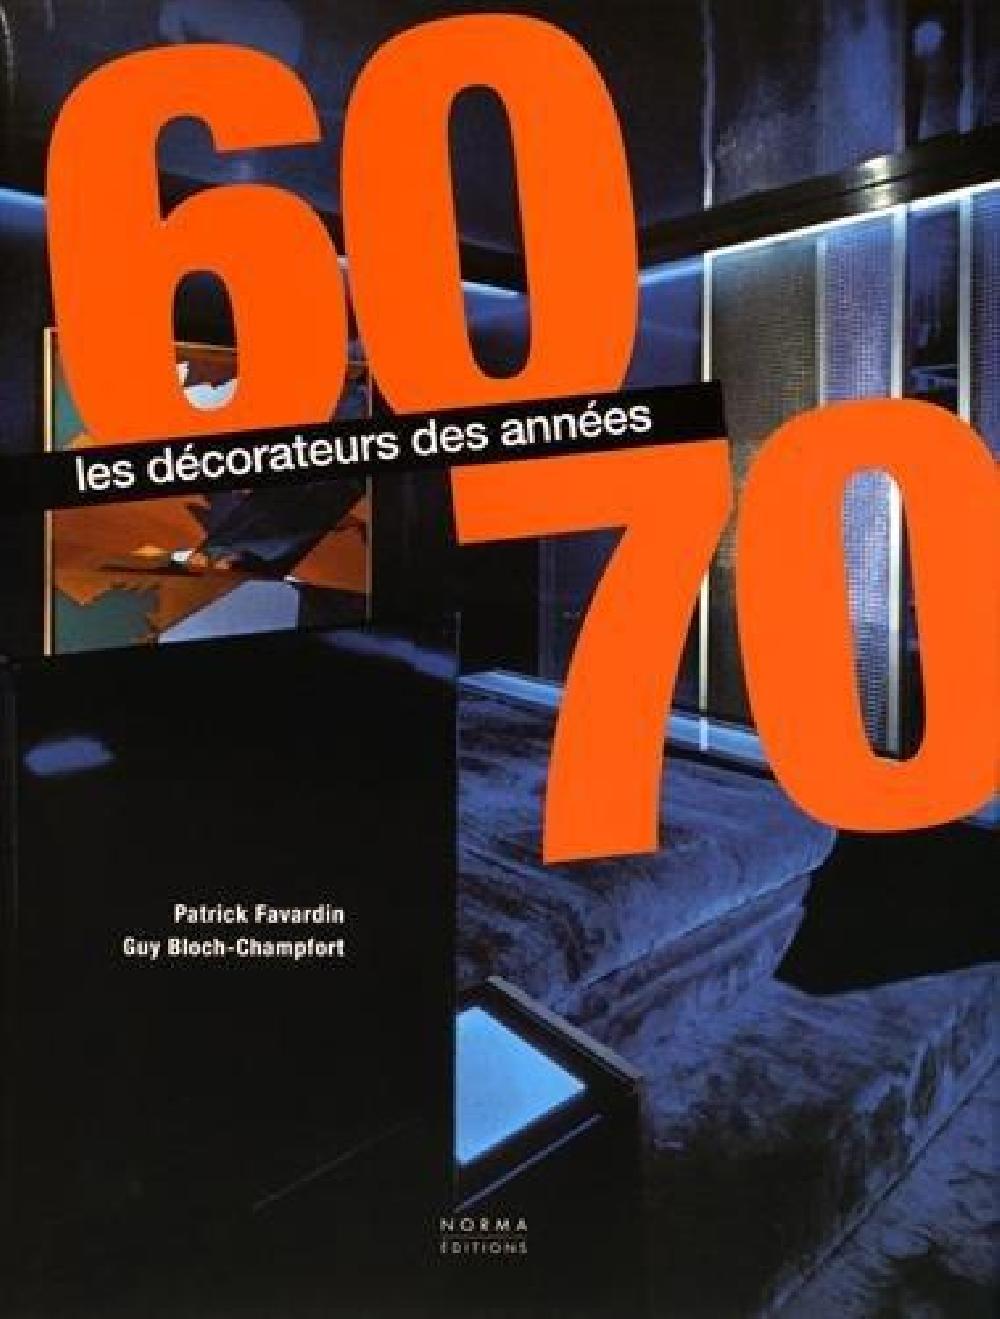 Les décorateurs années 60-70